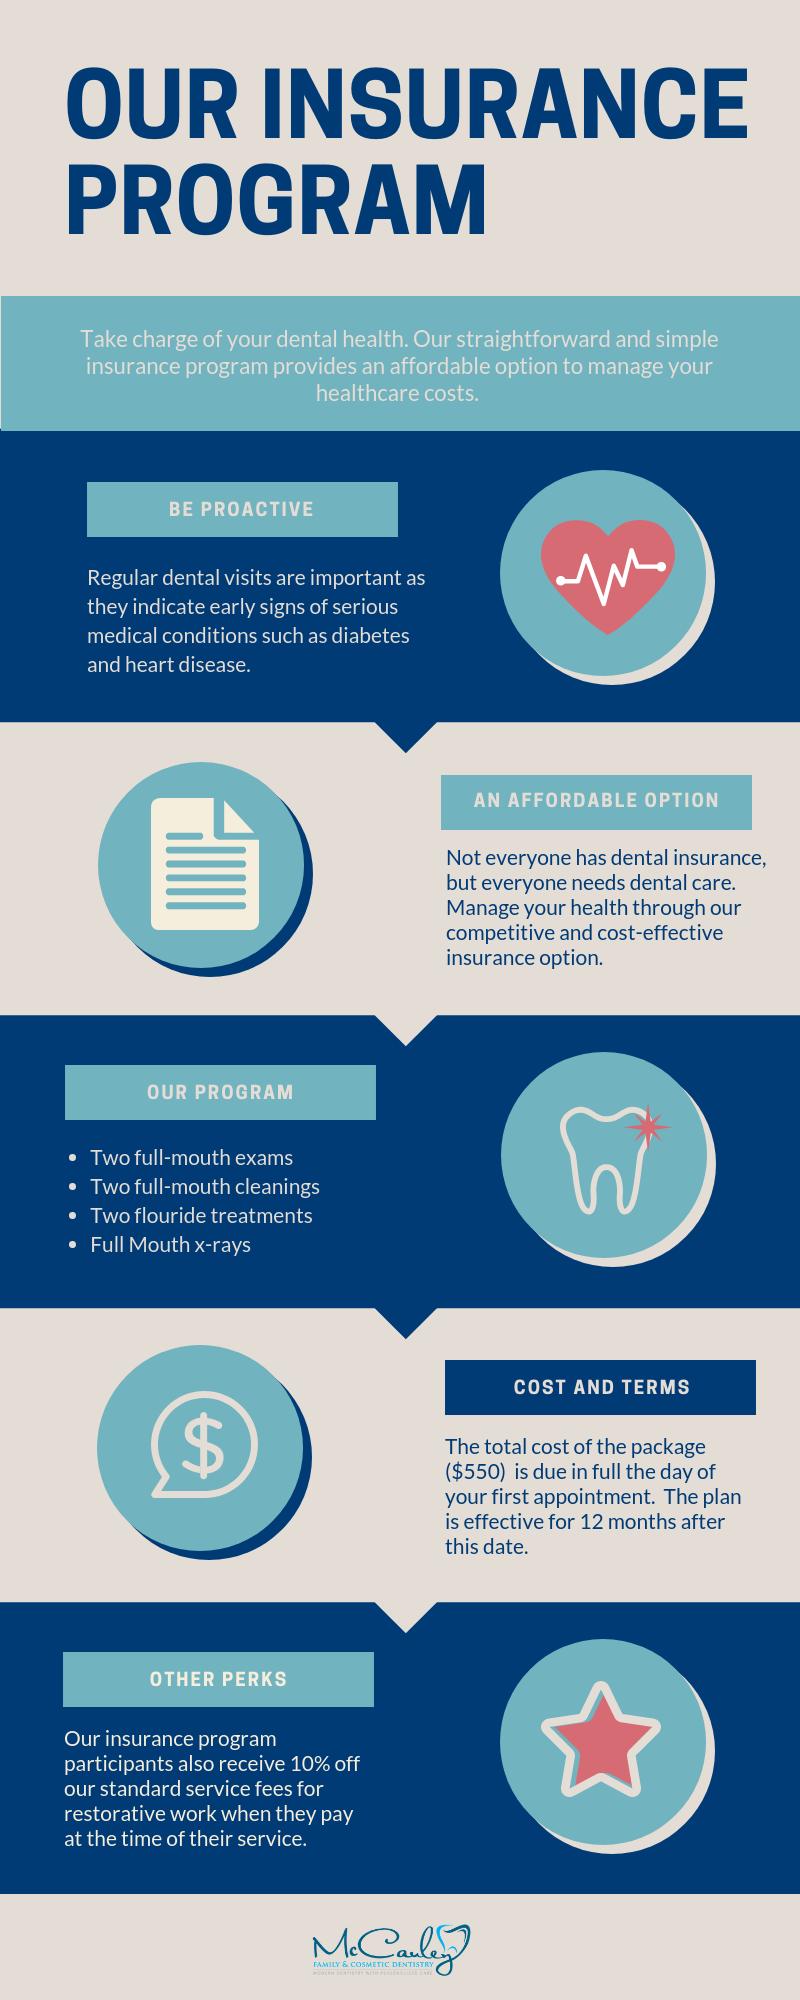 Our Insurance Program 2019